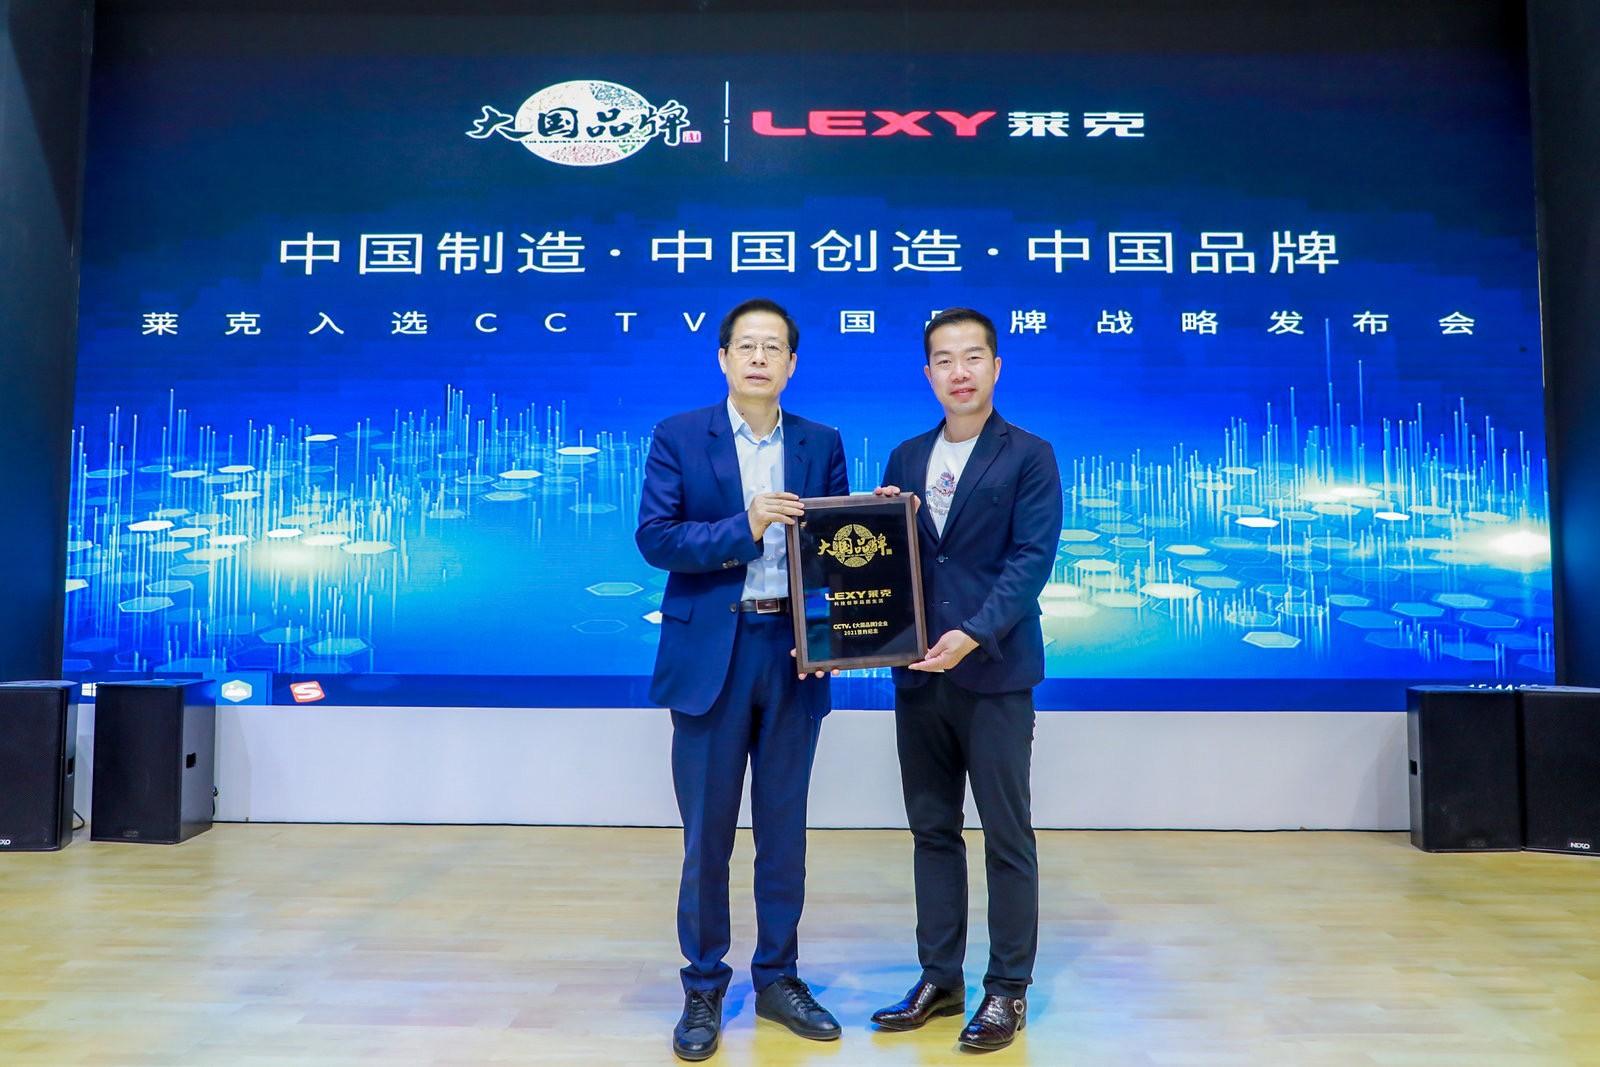 打造中国品牌全新标杆,莱克成首家入选CCTV大国品牌清洁家电企业